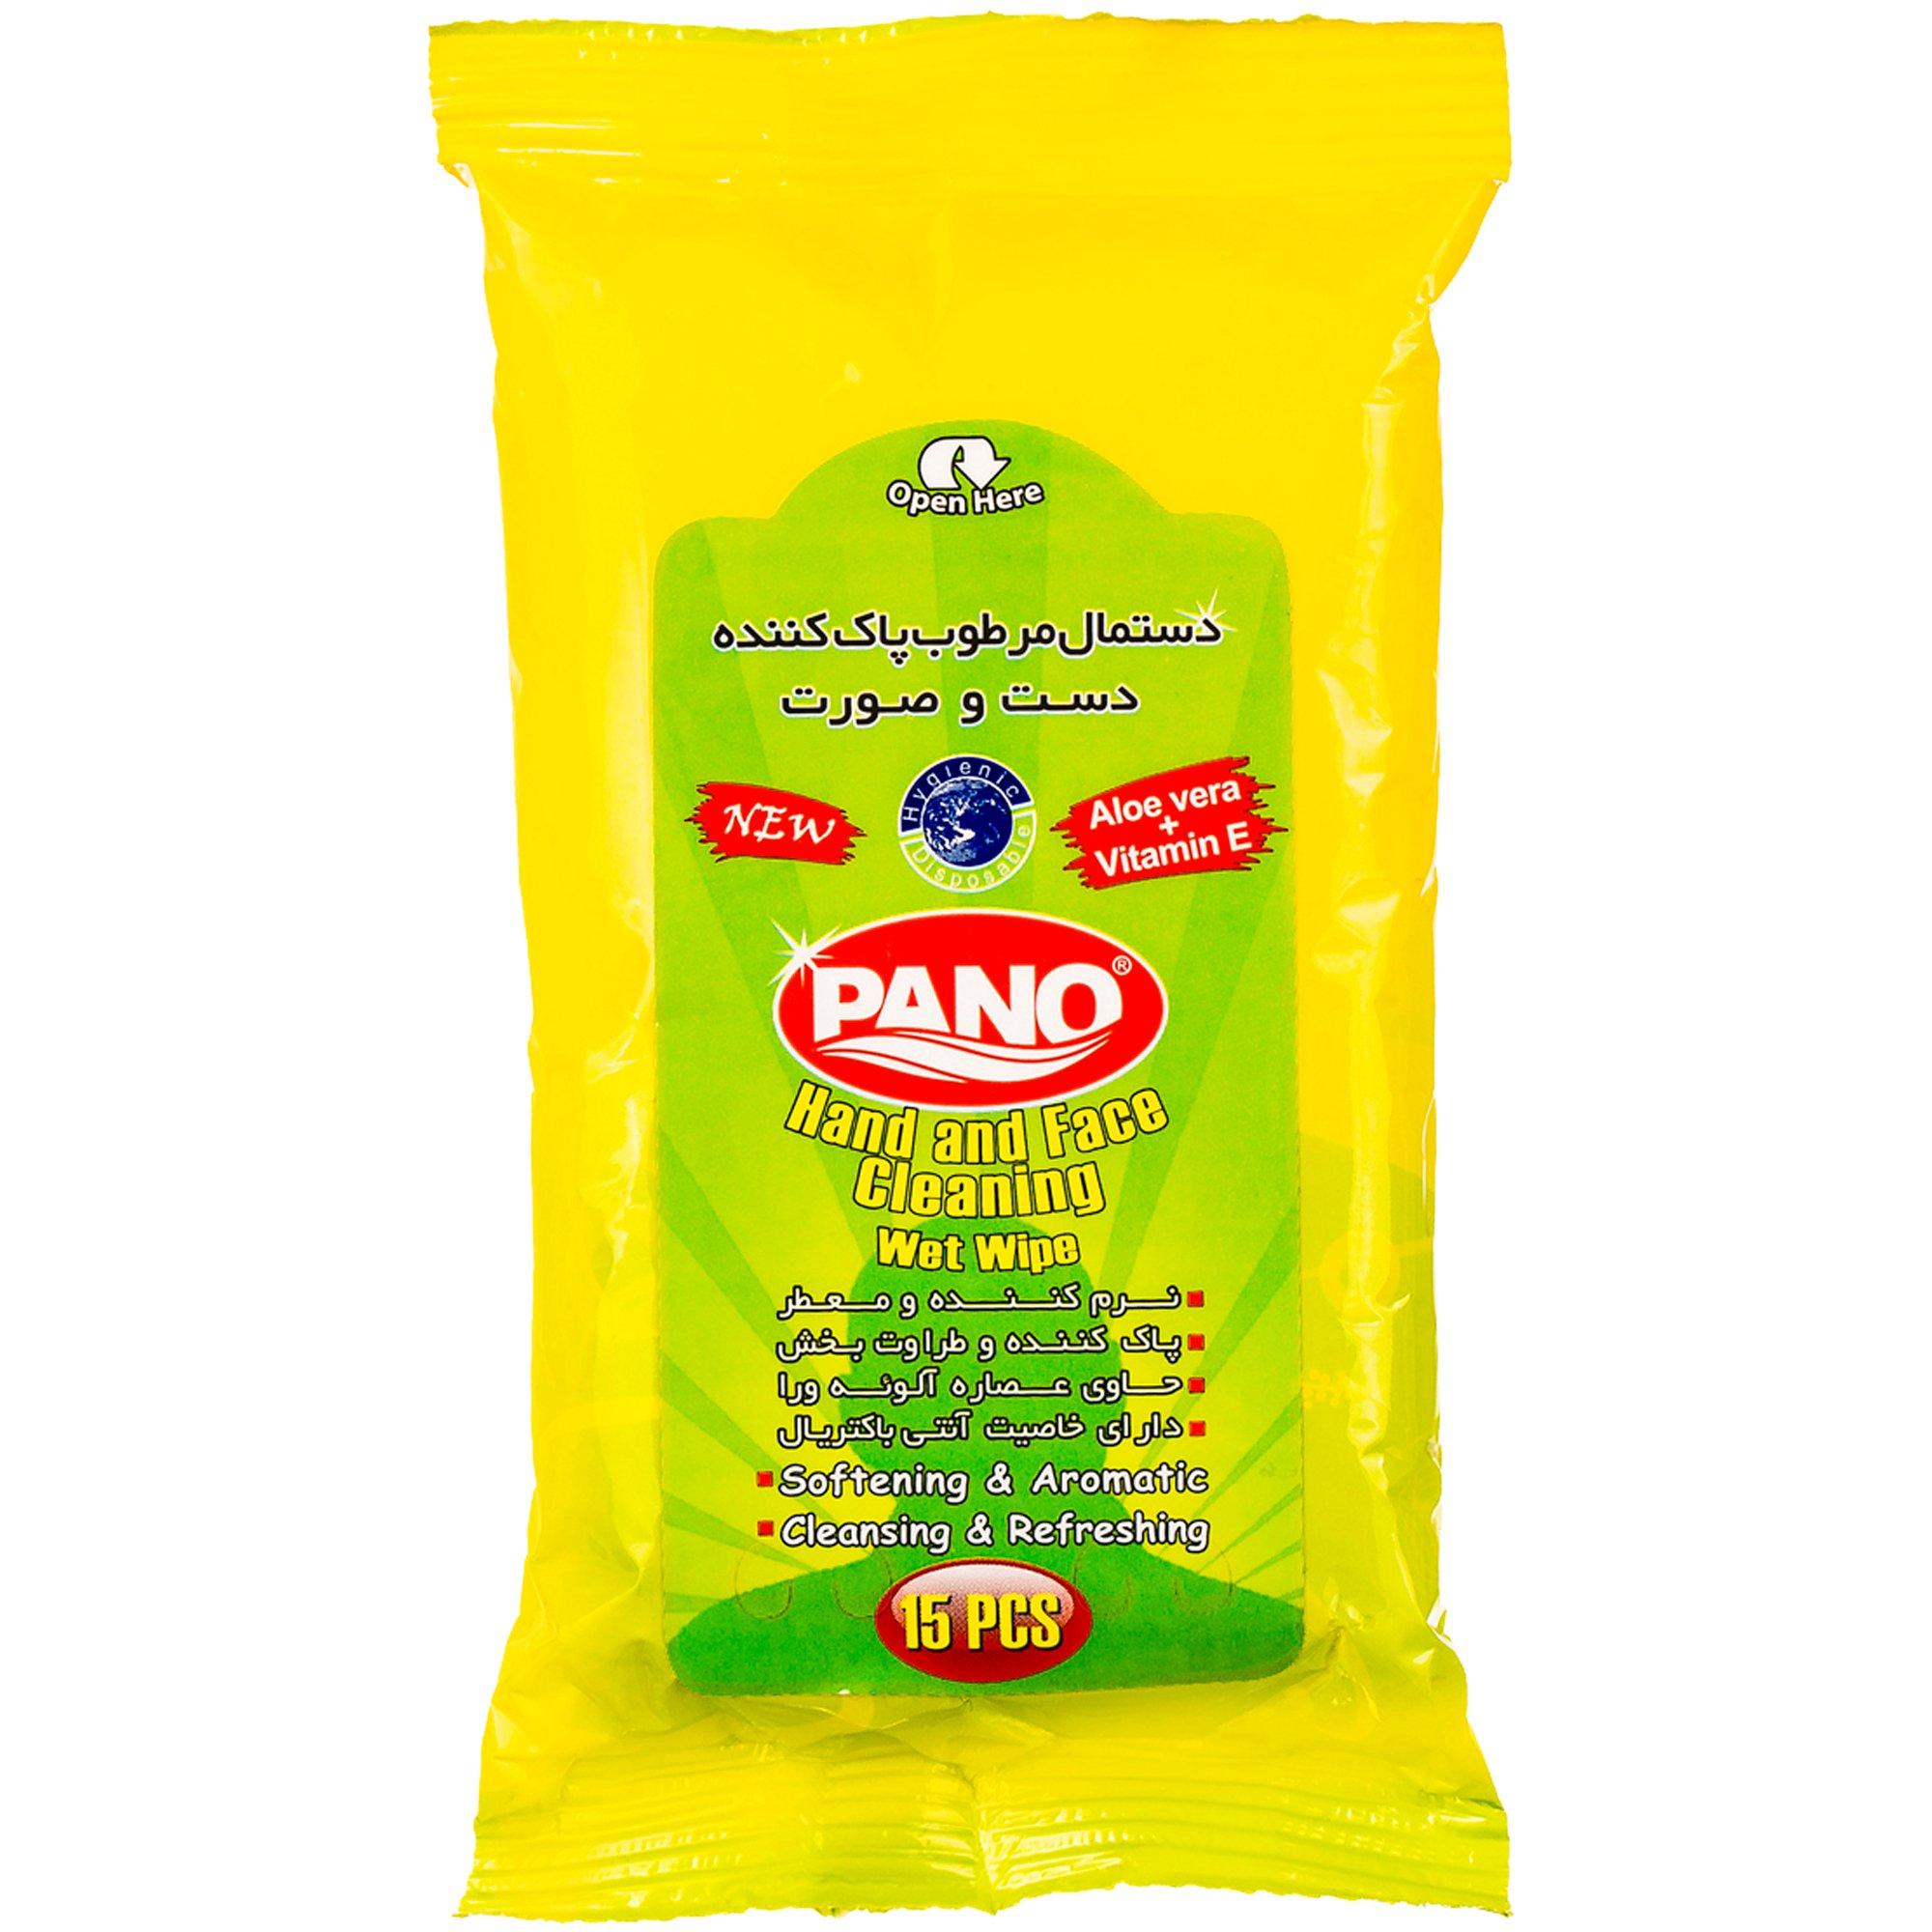 دستمال مرطوب دست و صورت AloeVera+ Vitamin E پانو 15 عددی